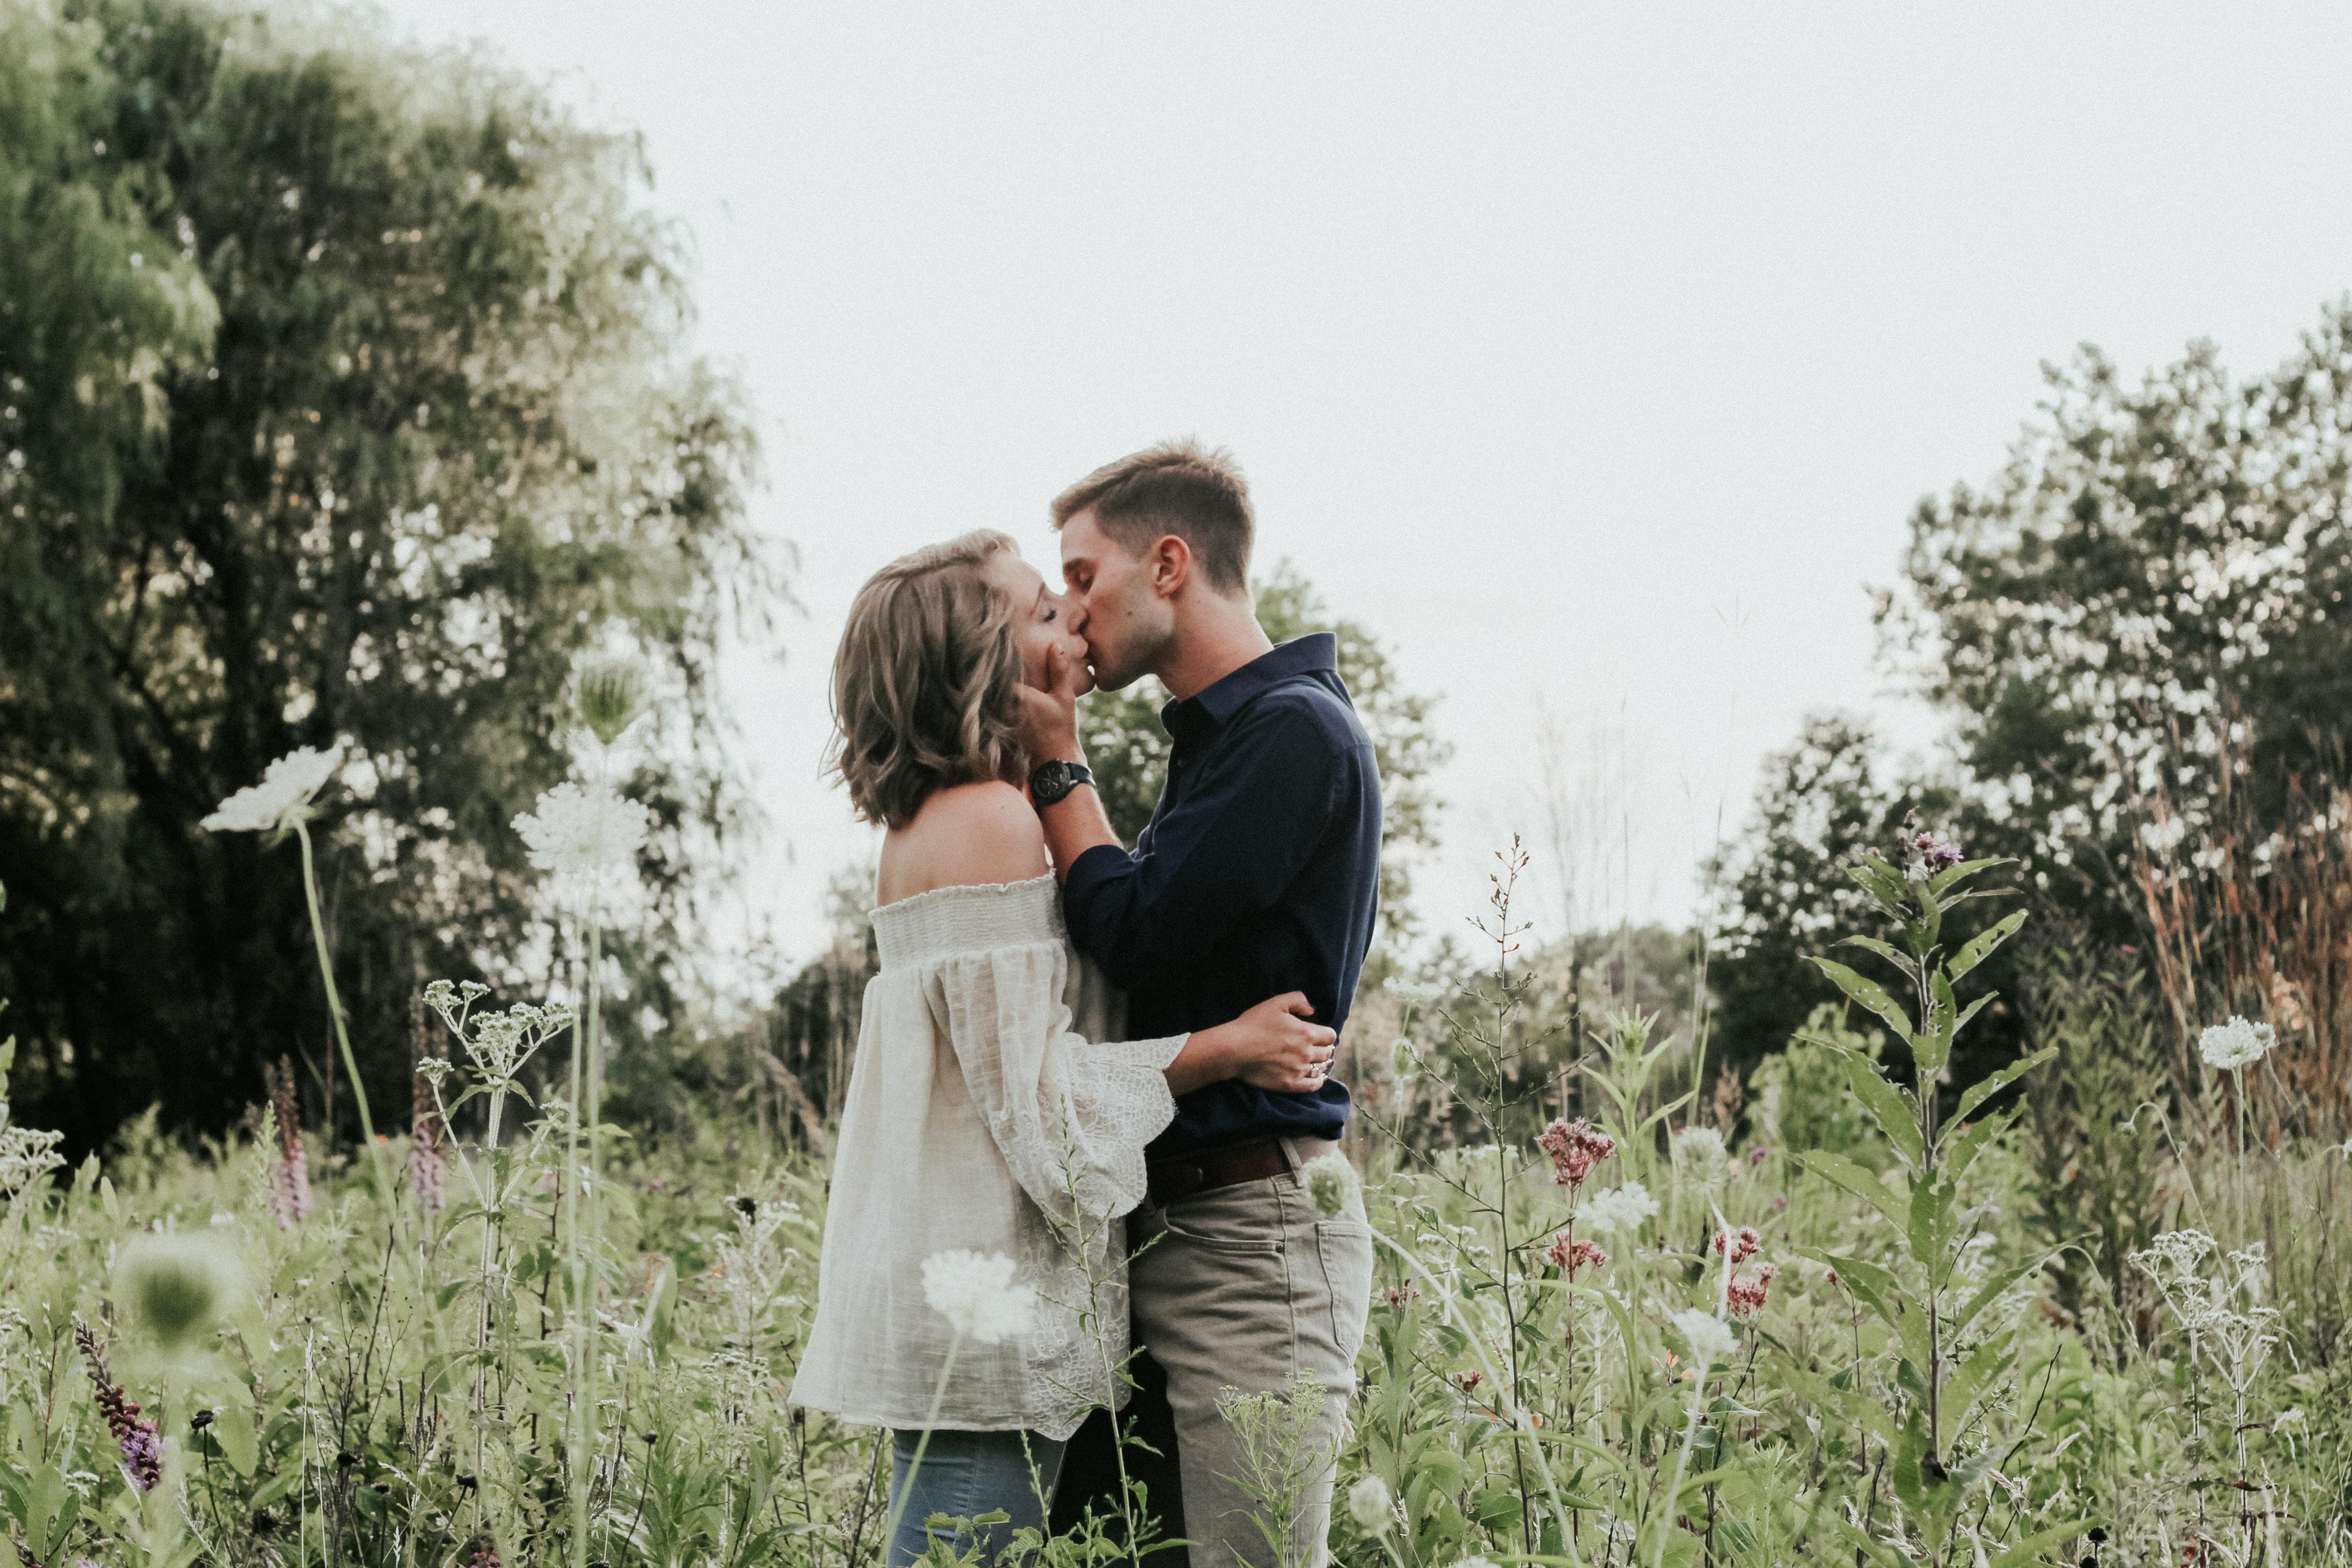 How To Save A Marriage After A Retaliatory Affair